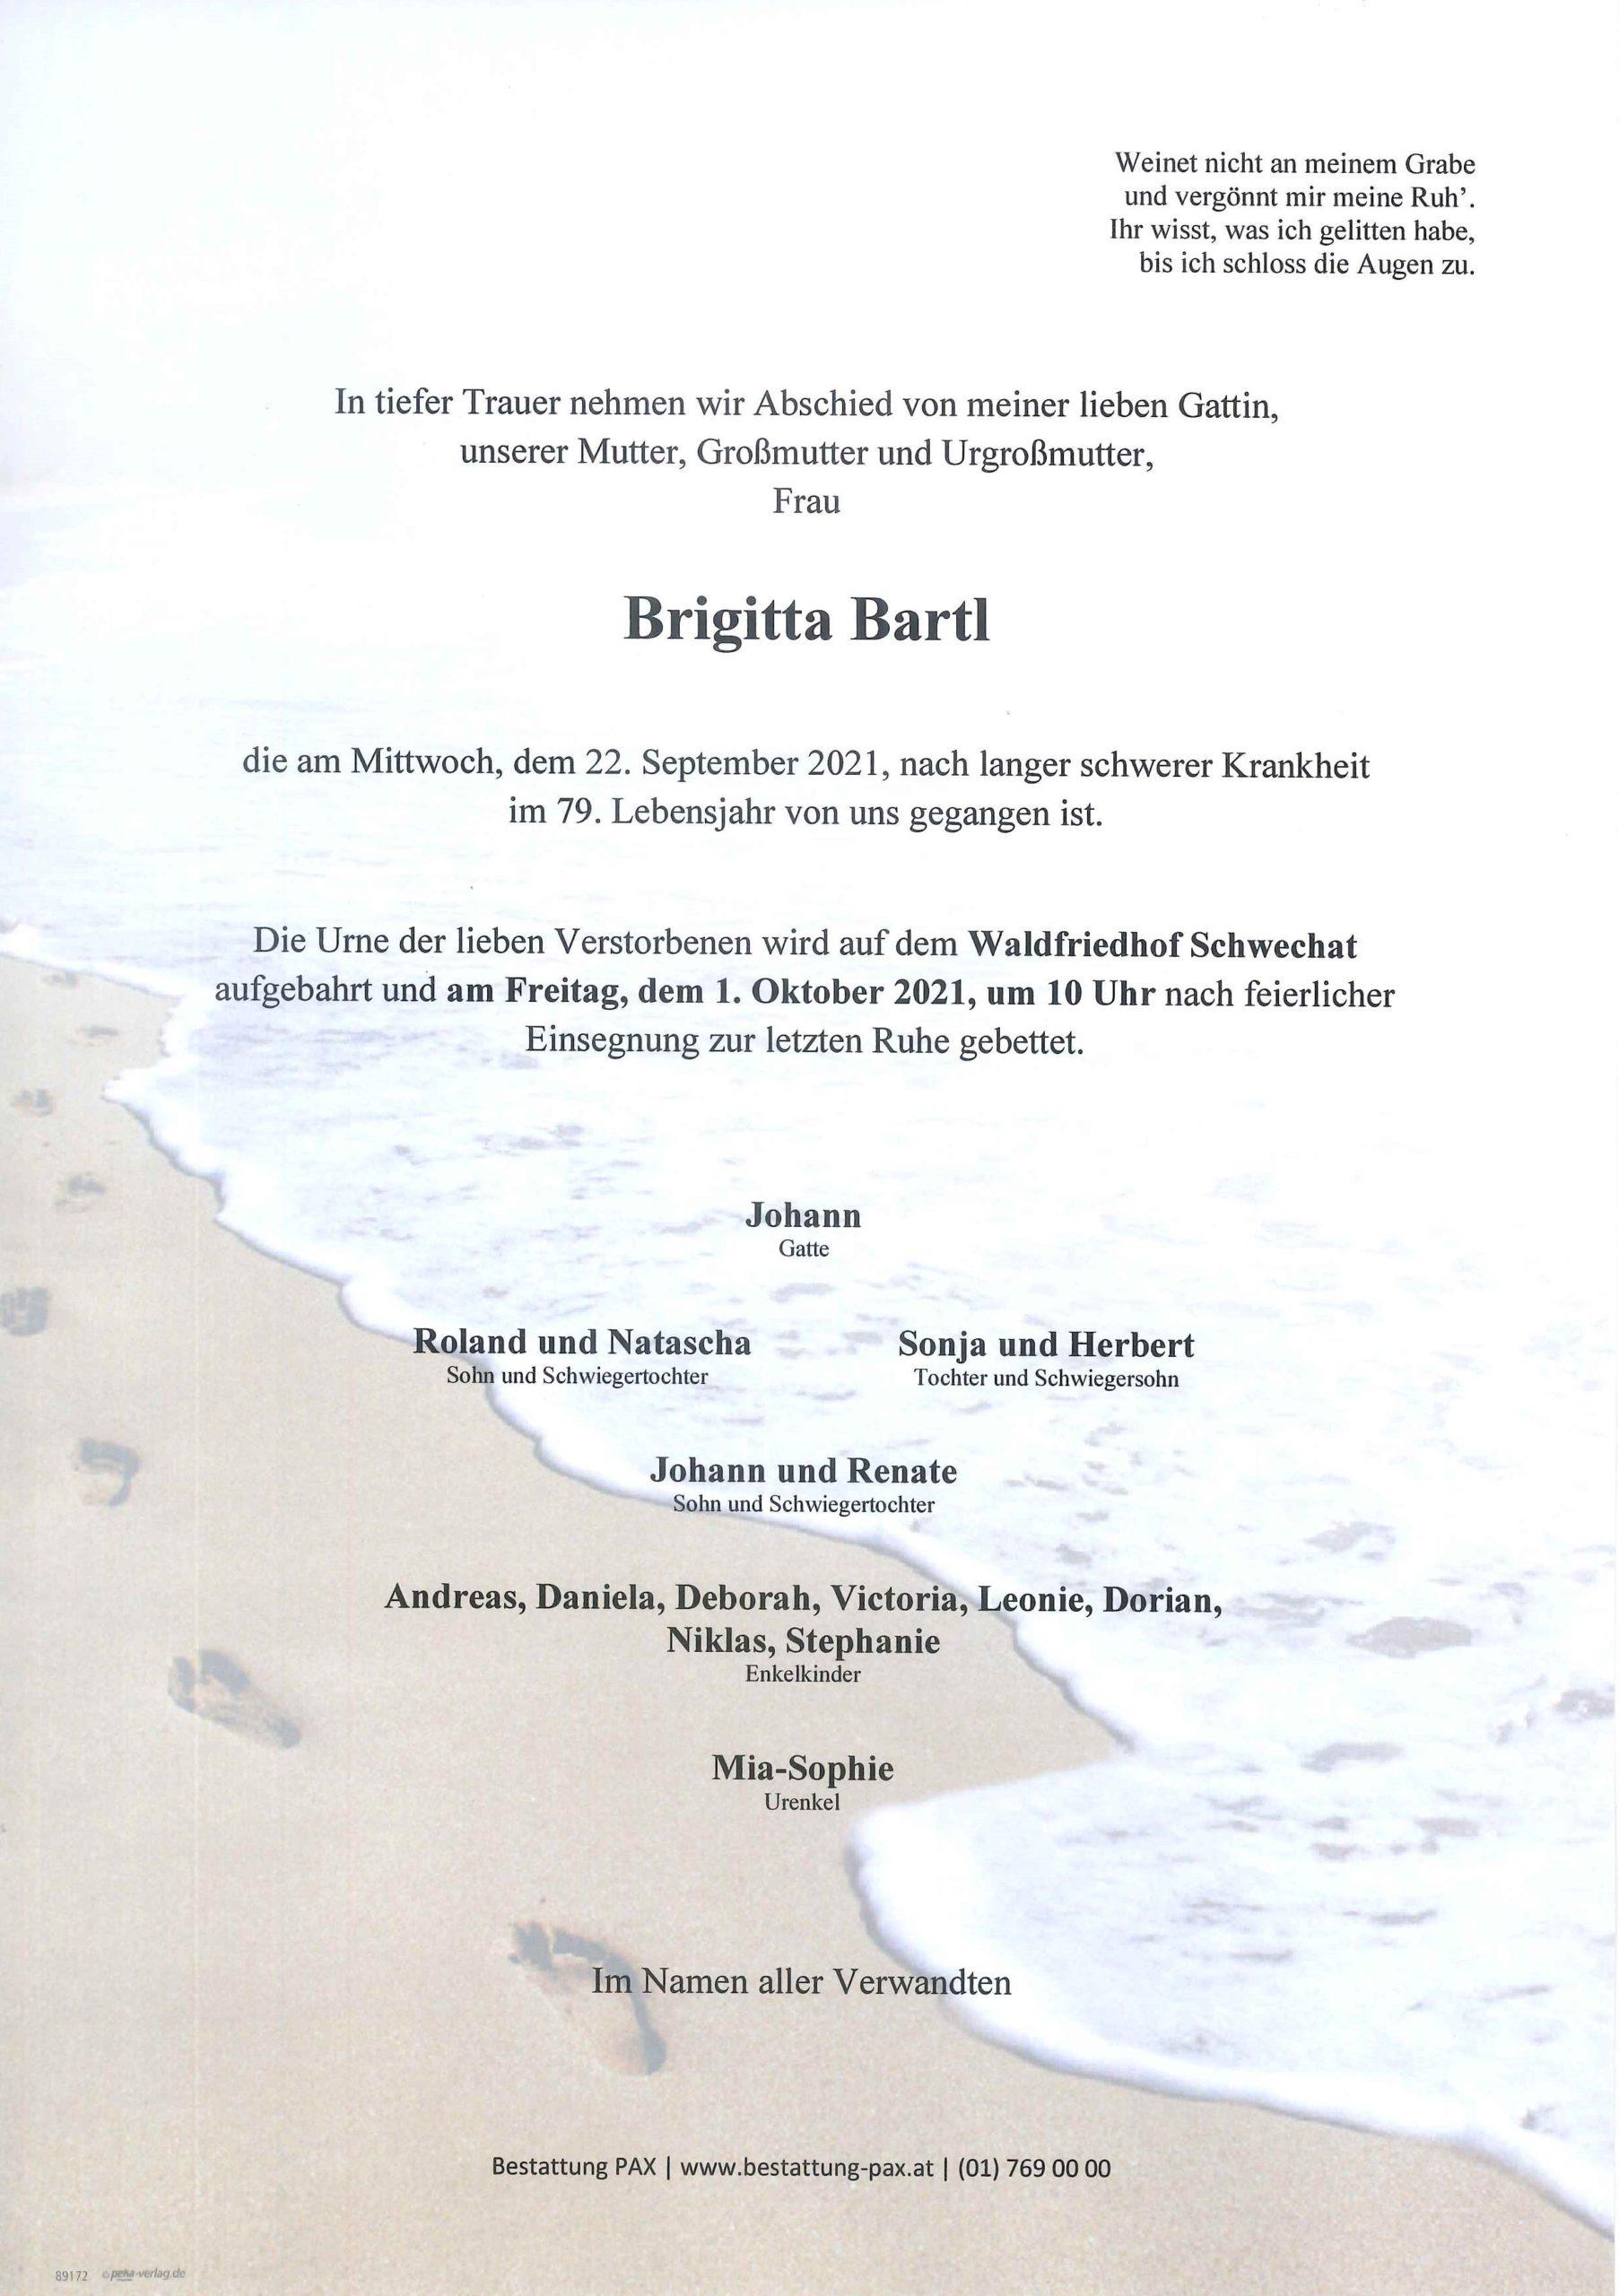 Brigitta Bartl